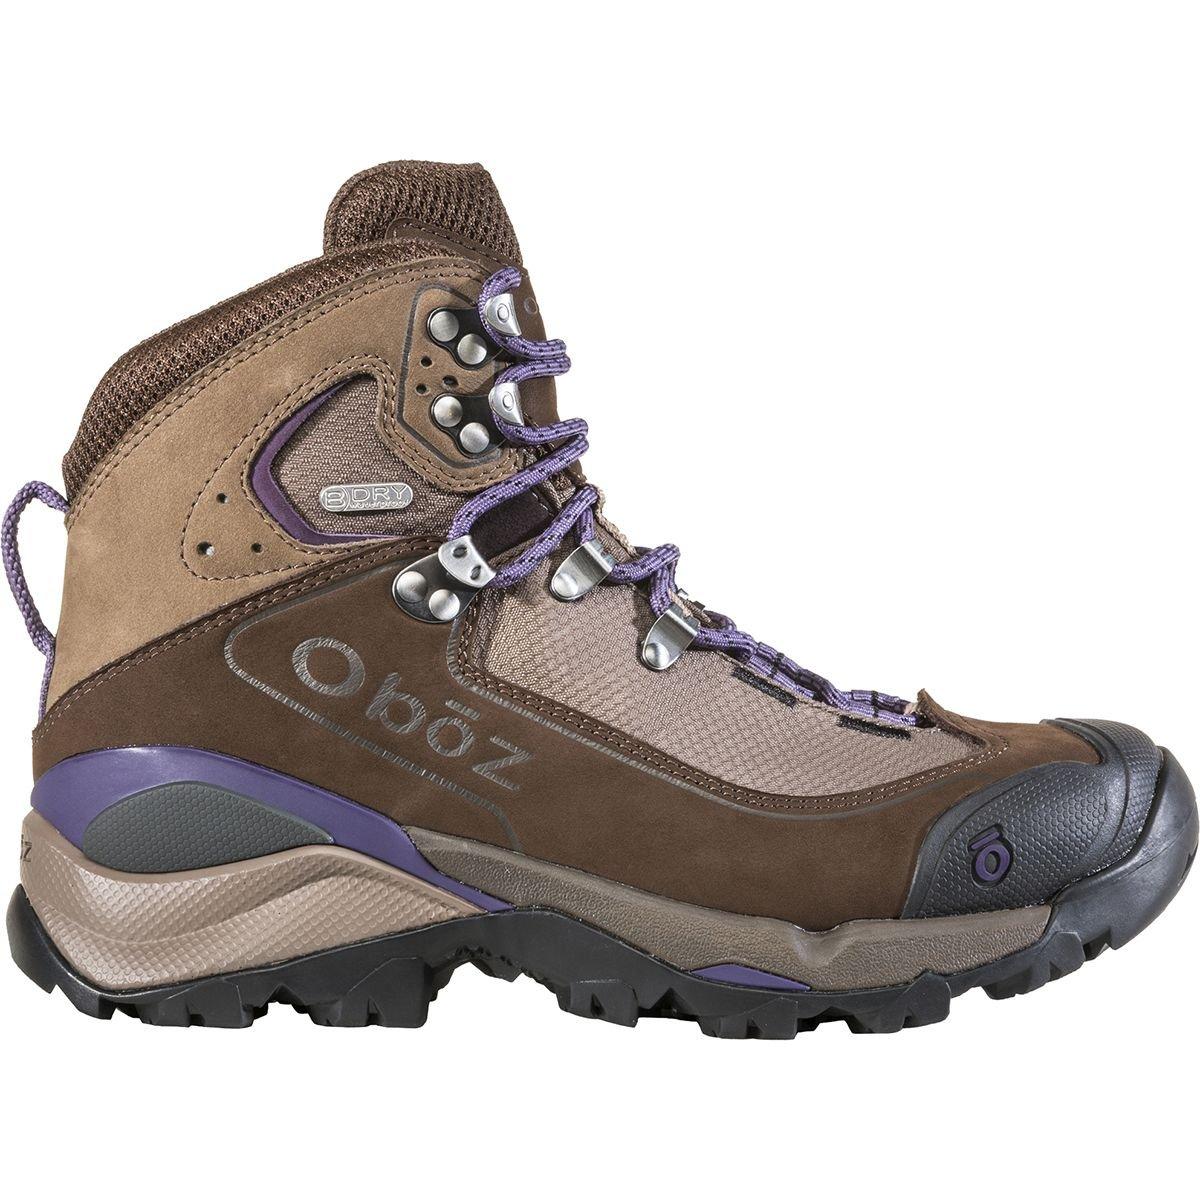 Oboz Wind River III b-dry Hiking Shoe – Women 's B074RMNLD6  Walnut/Plum 6.5 B(M) US